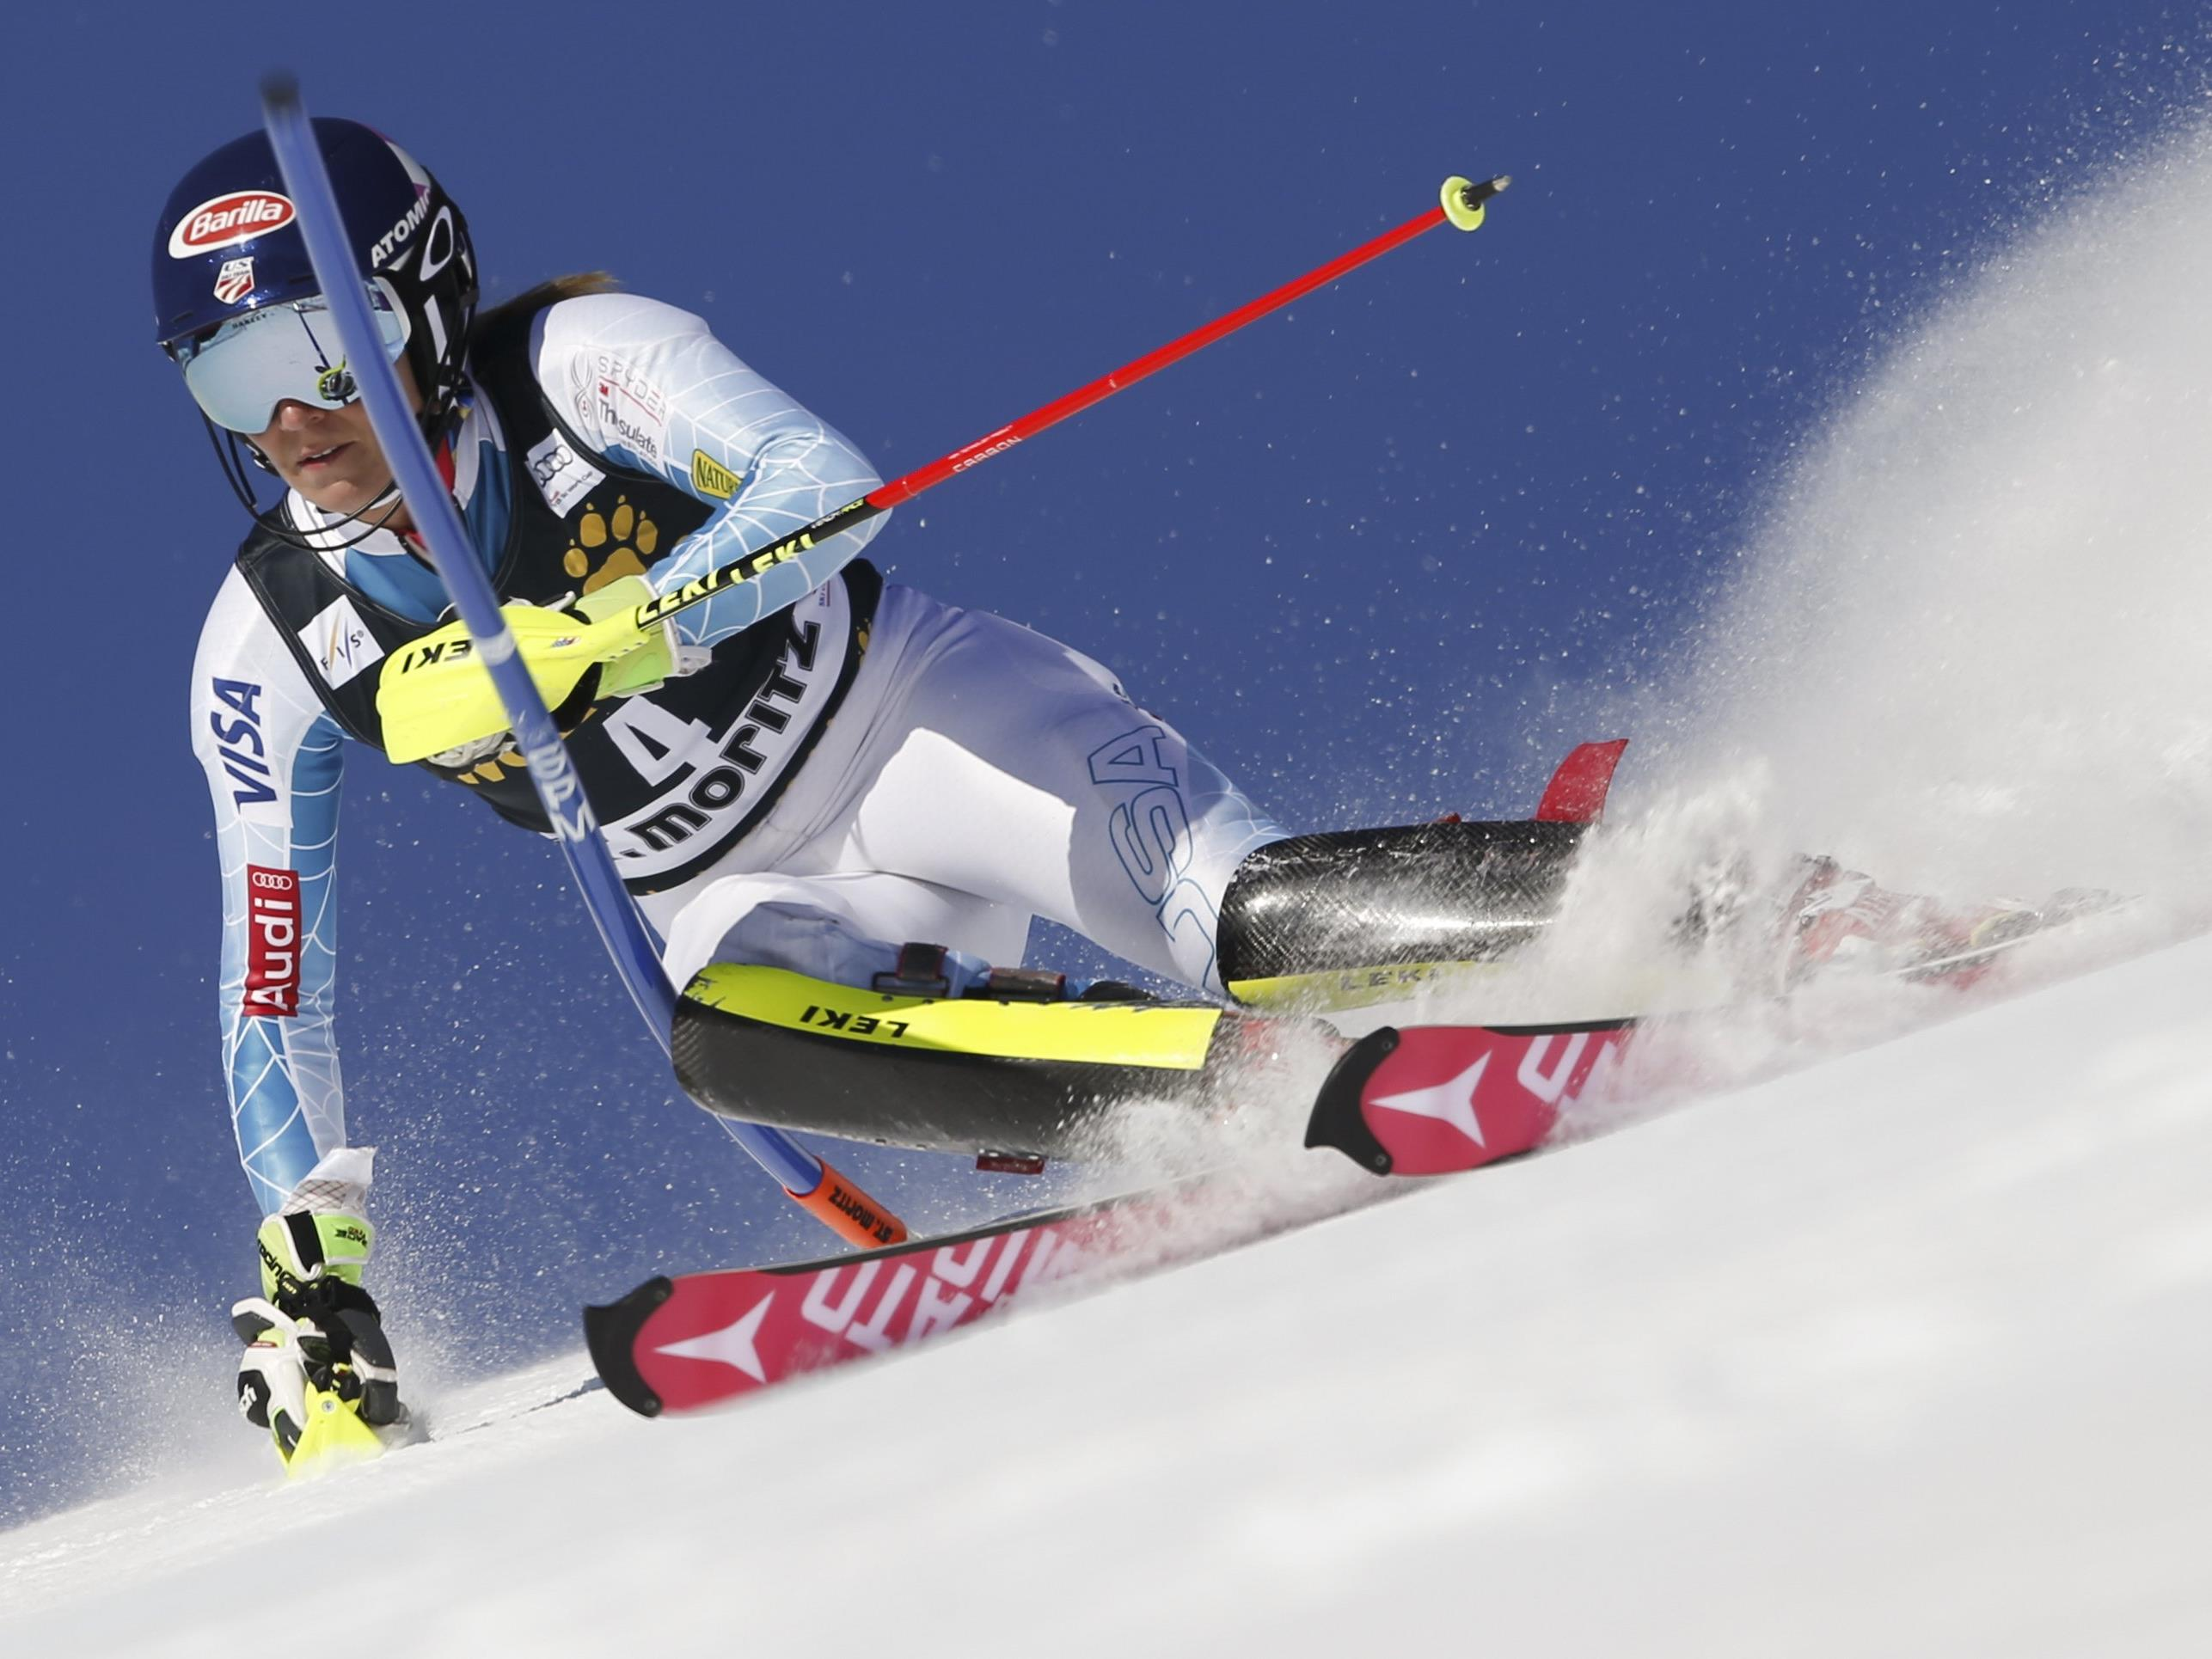 Österreichs Slalom-Damen blieben damit in diesem Winter erstmals seit der Saison 1994/1995 ohne Weltcup-Podestplatz.